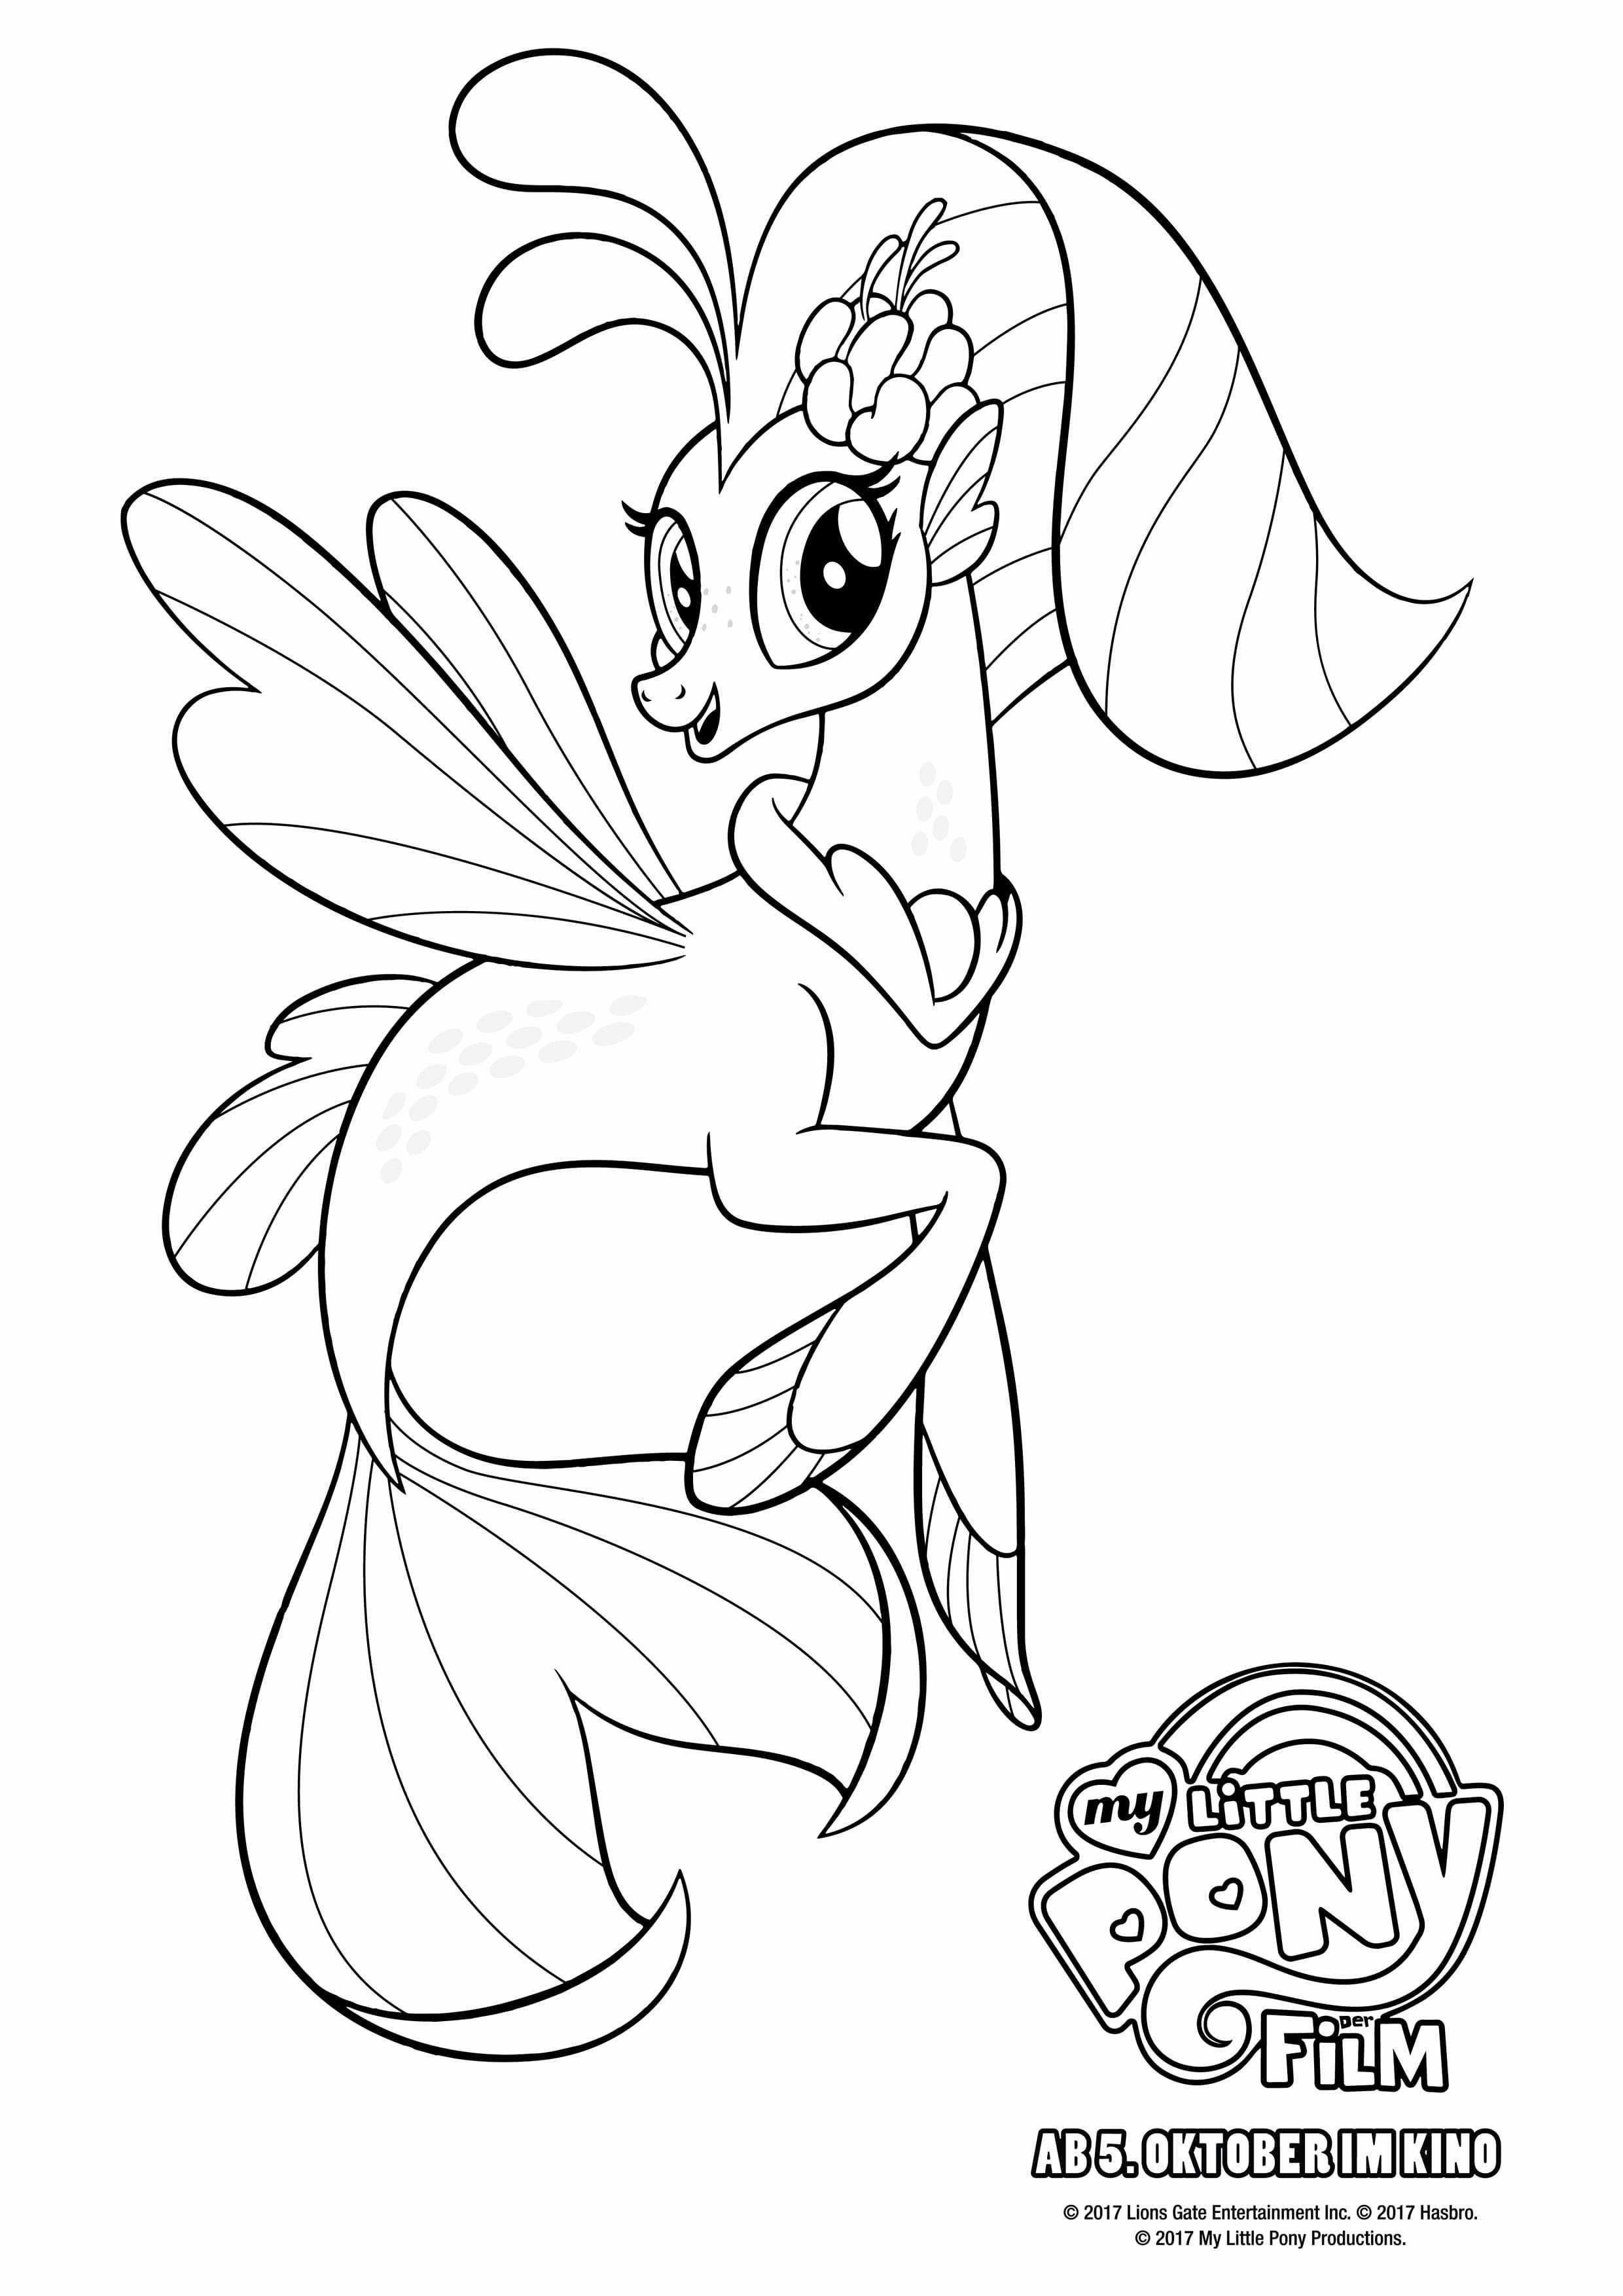 My Little Pony Ausmalbilder Kostenlos Genial Pin By Julia Colorings